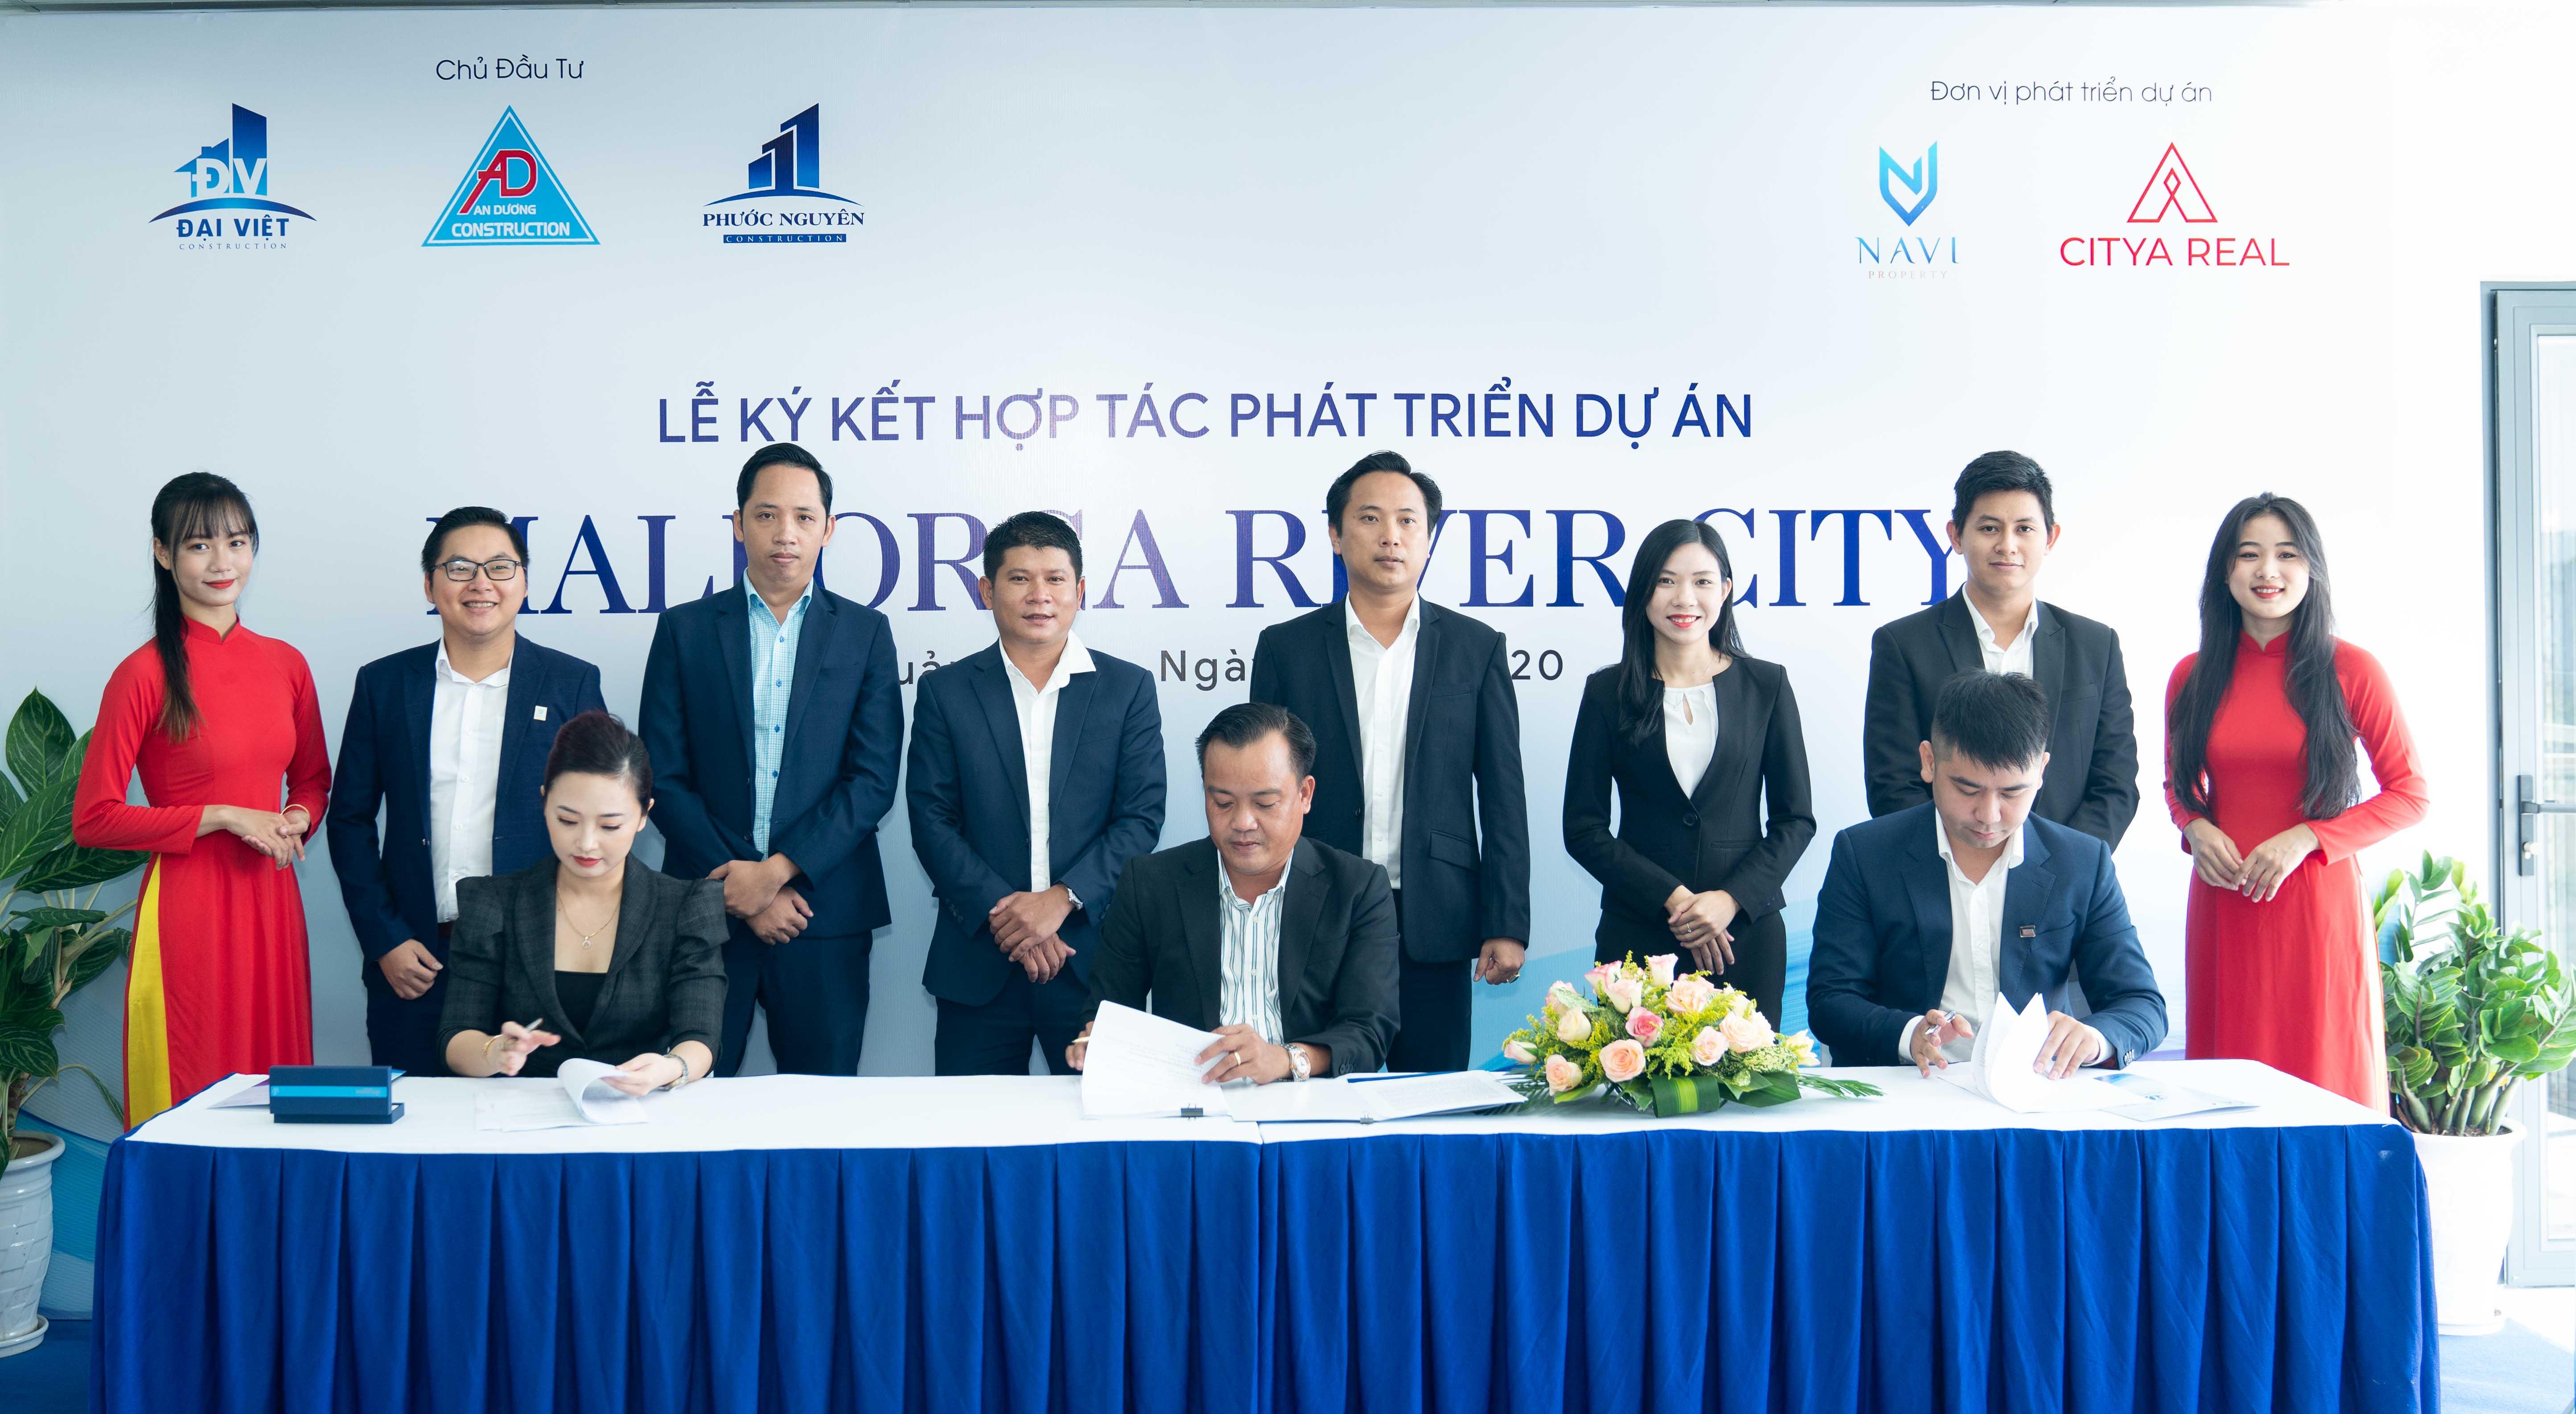 Quảng Nam: An Dương Group sắp ra mắt dự án Mallorca River City